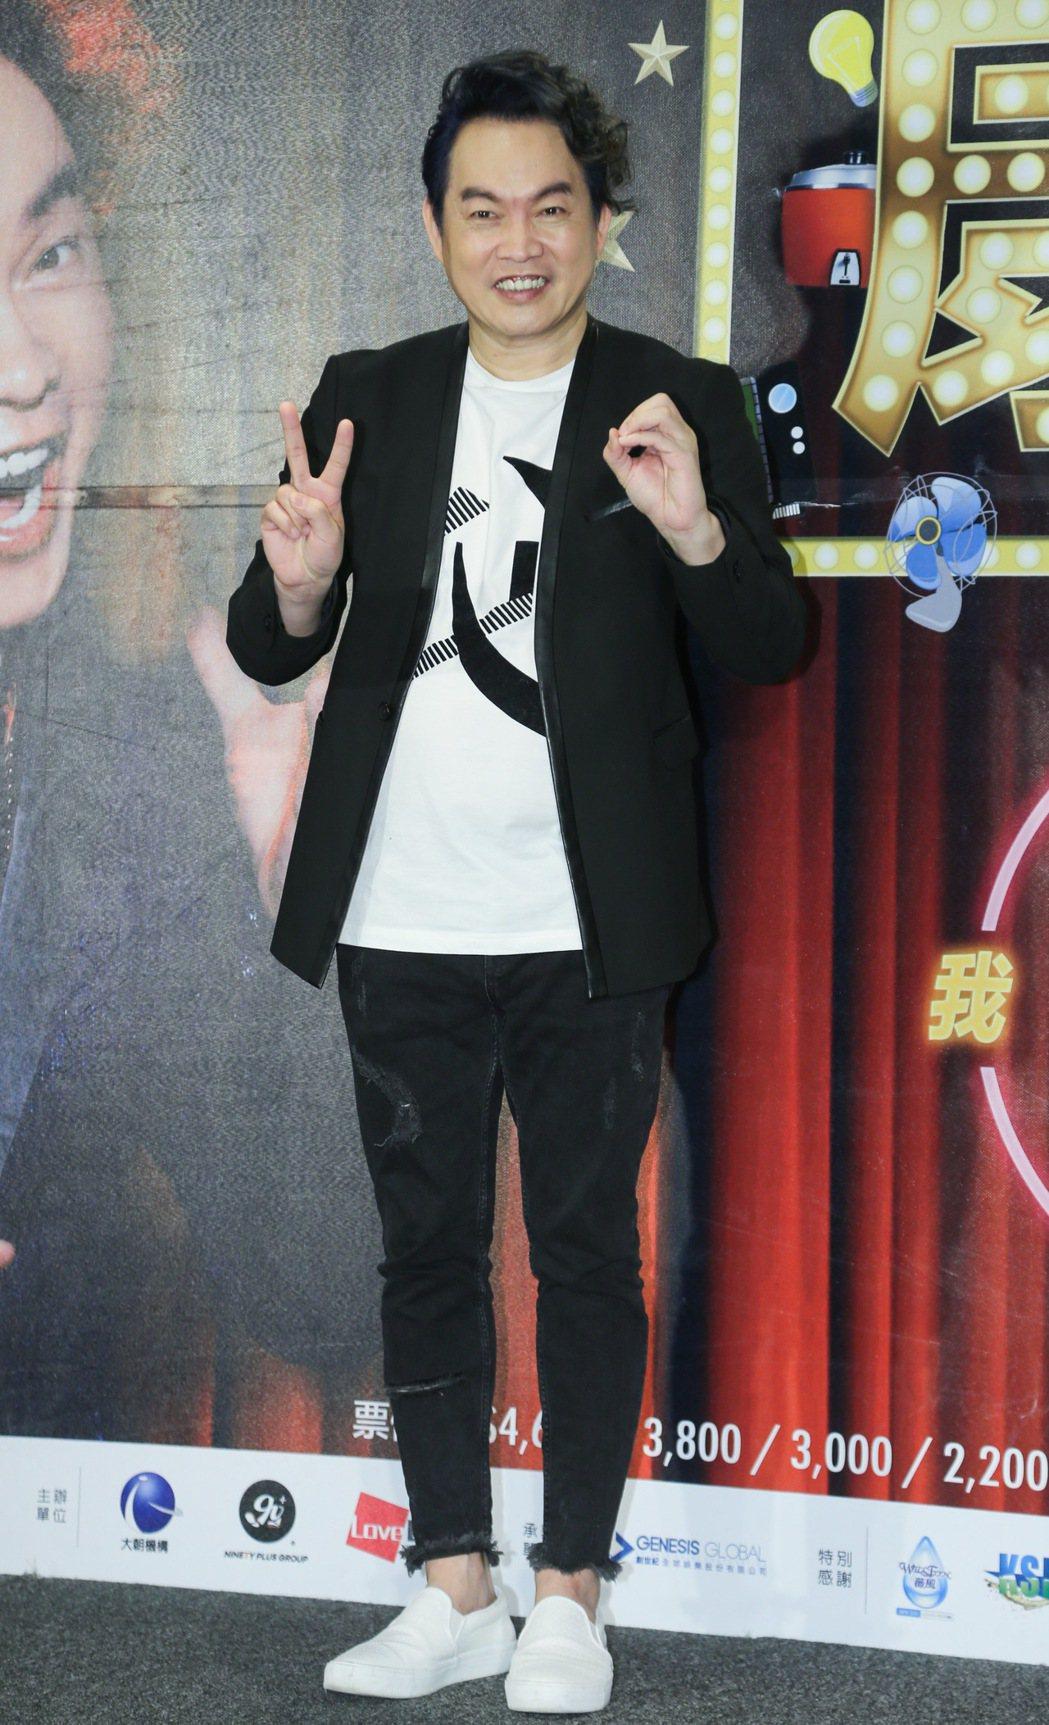 康康出道20年,26日宣布將舉辦演唱會。記者黃威彬/攝影